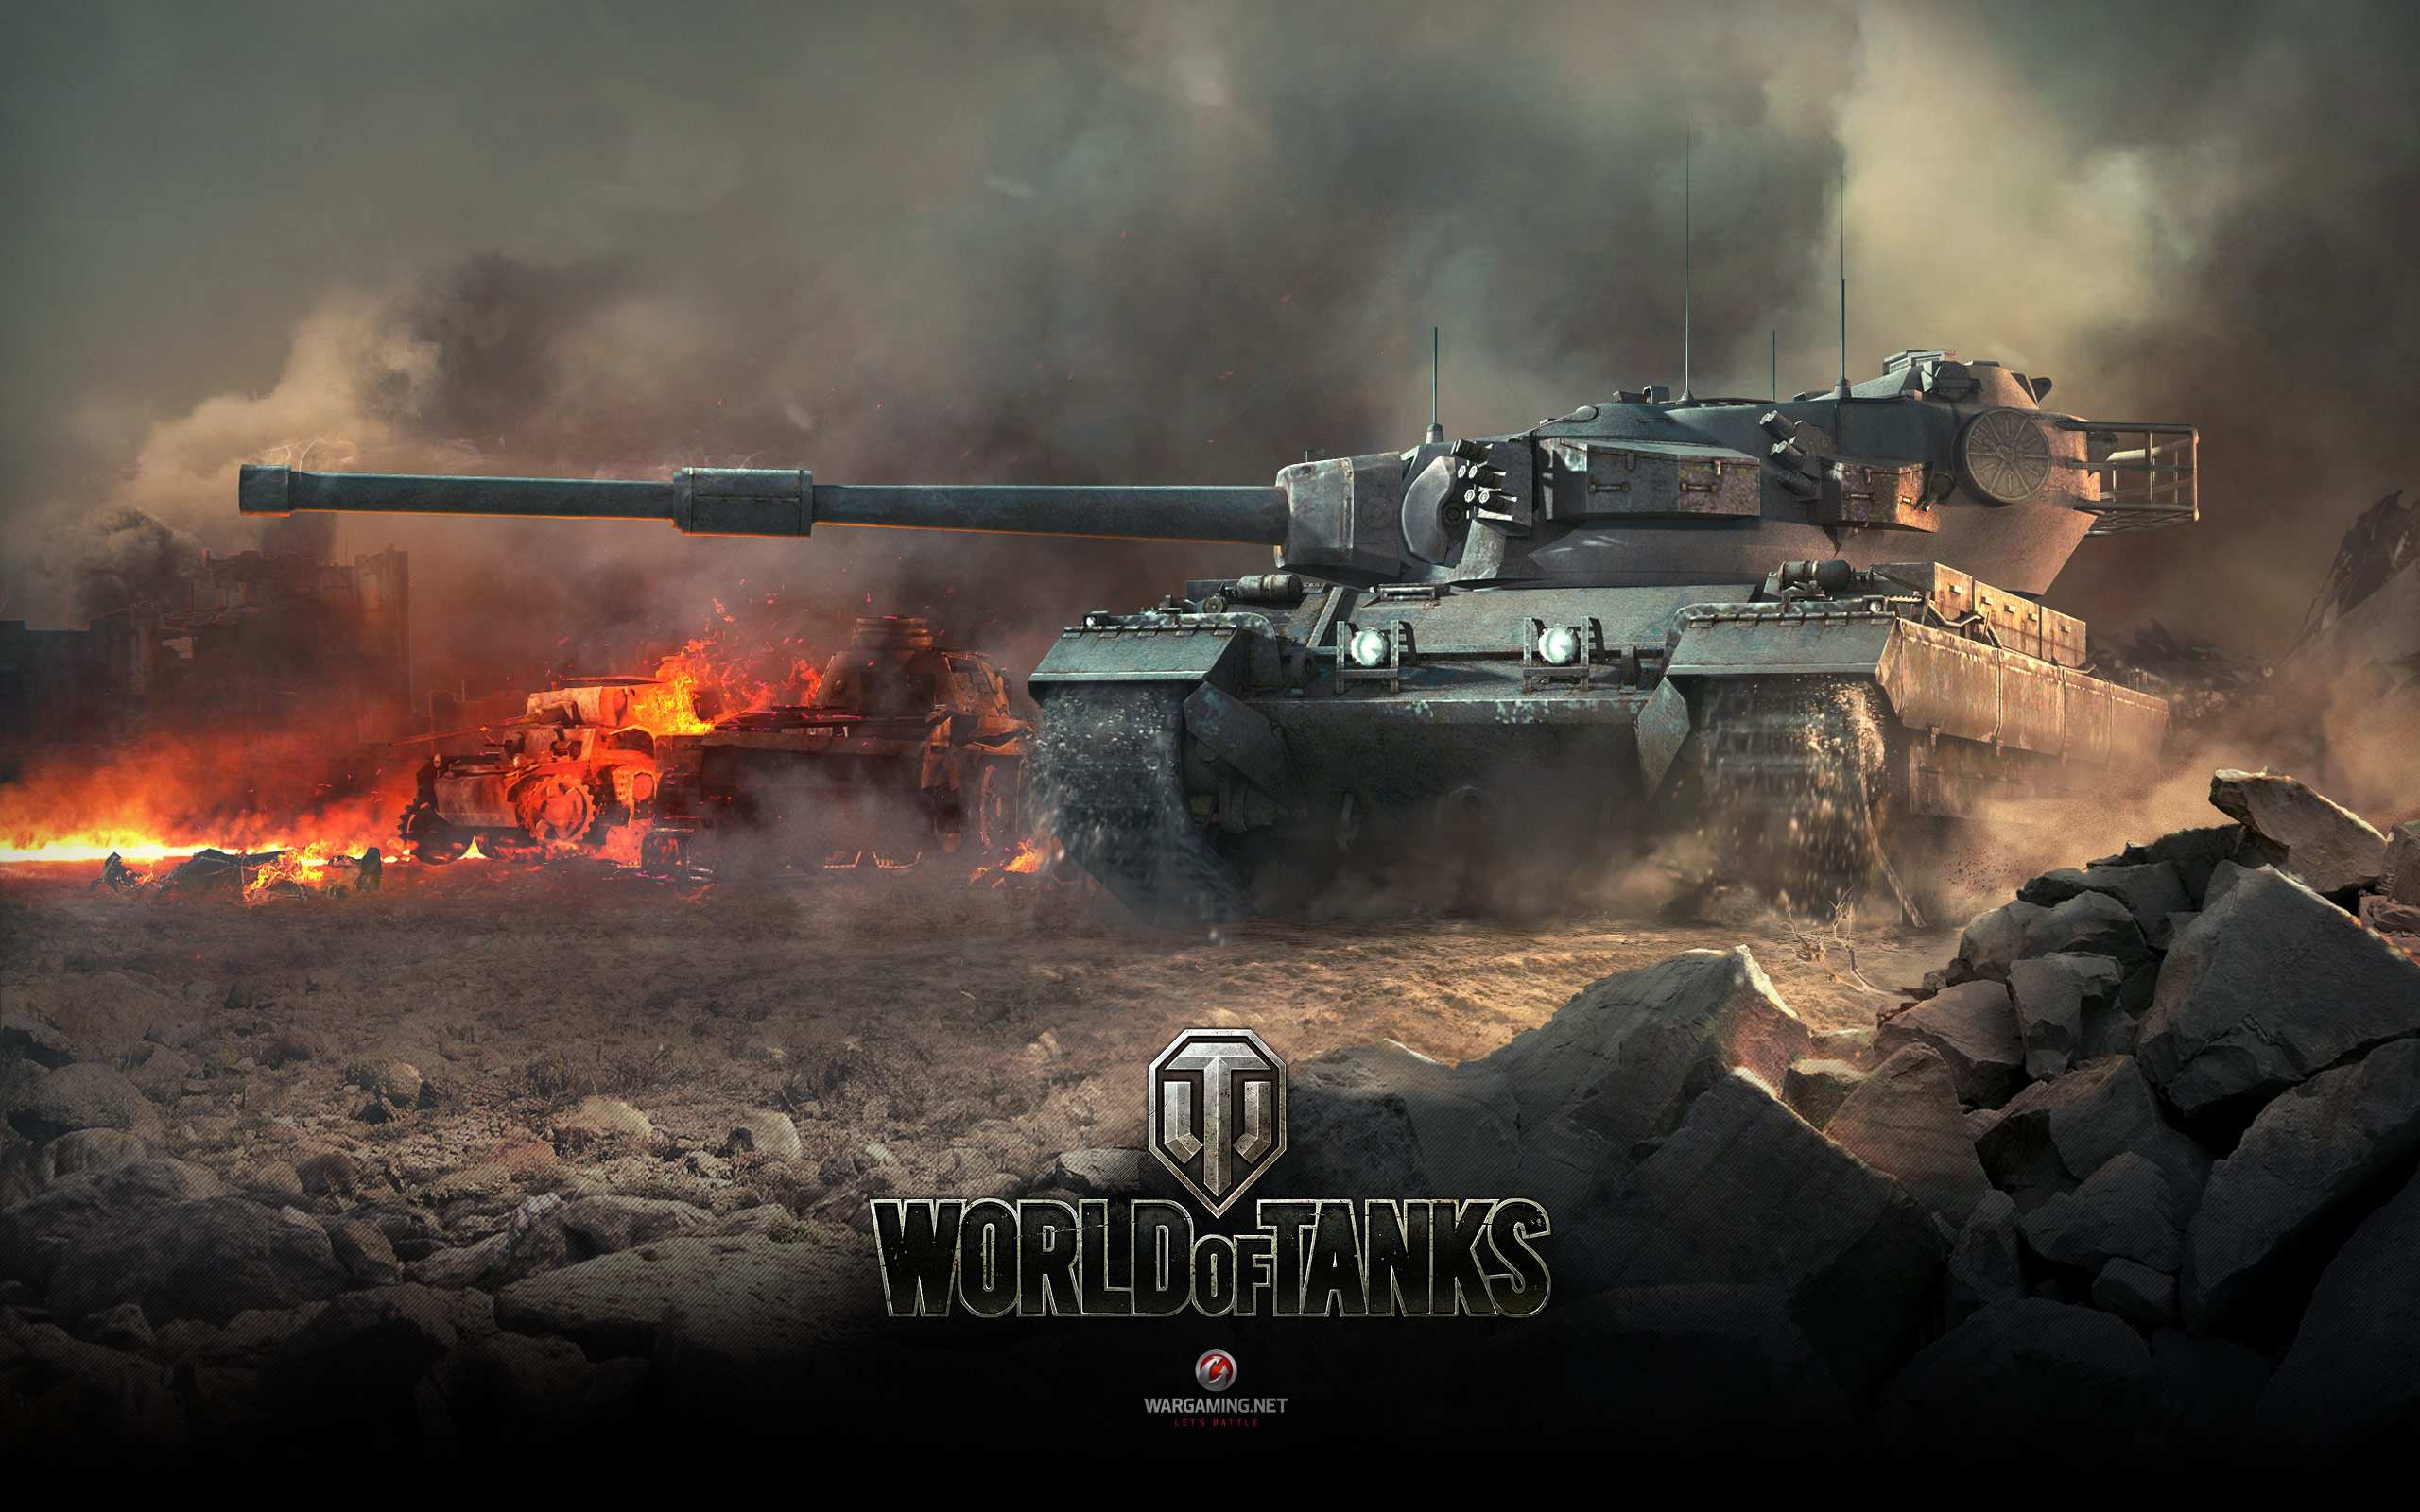 Conqueror World of Tanks HD wallpaper 2560x1600